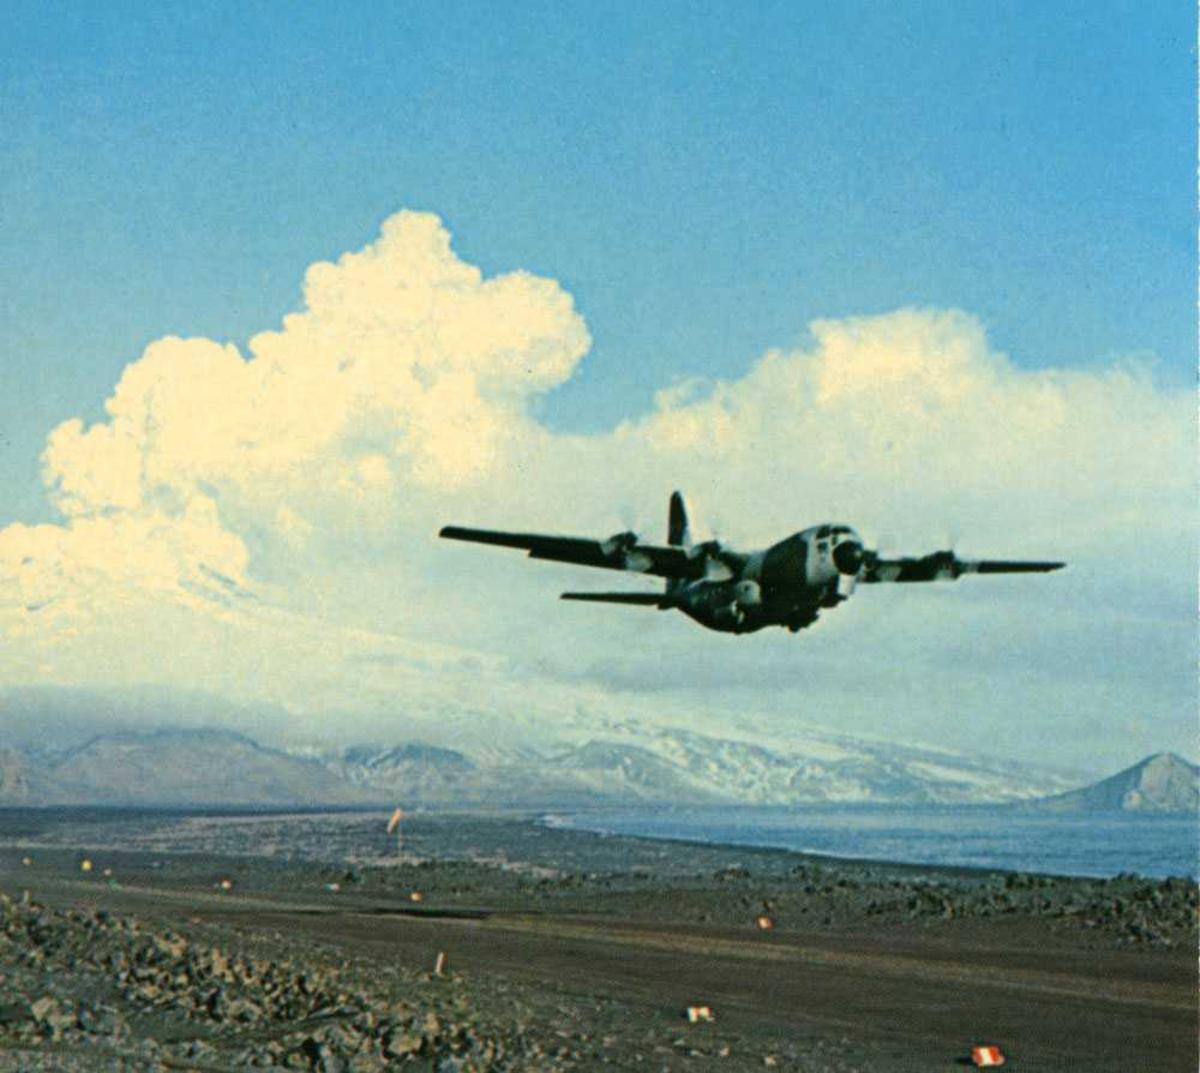 Postkort. Ett fly i luften like etter take-off, Hercules. Landingsstripe under flyet. Fjell i bakgrunnen.